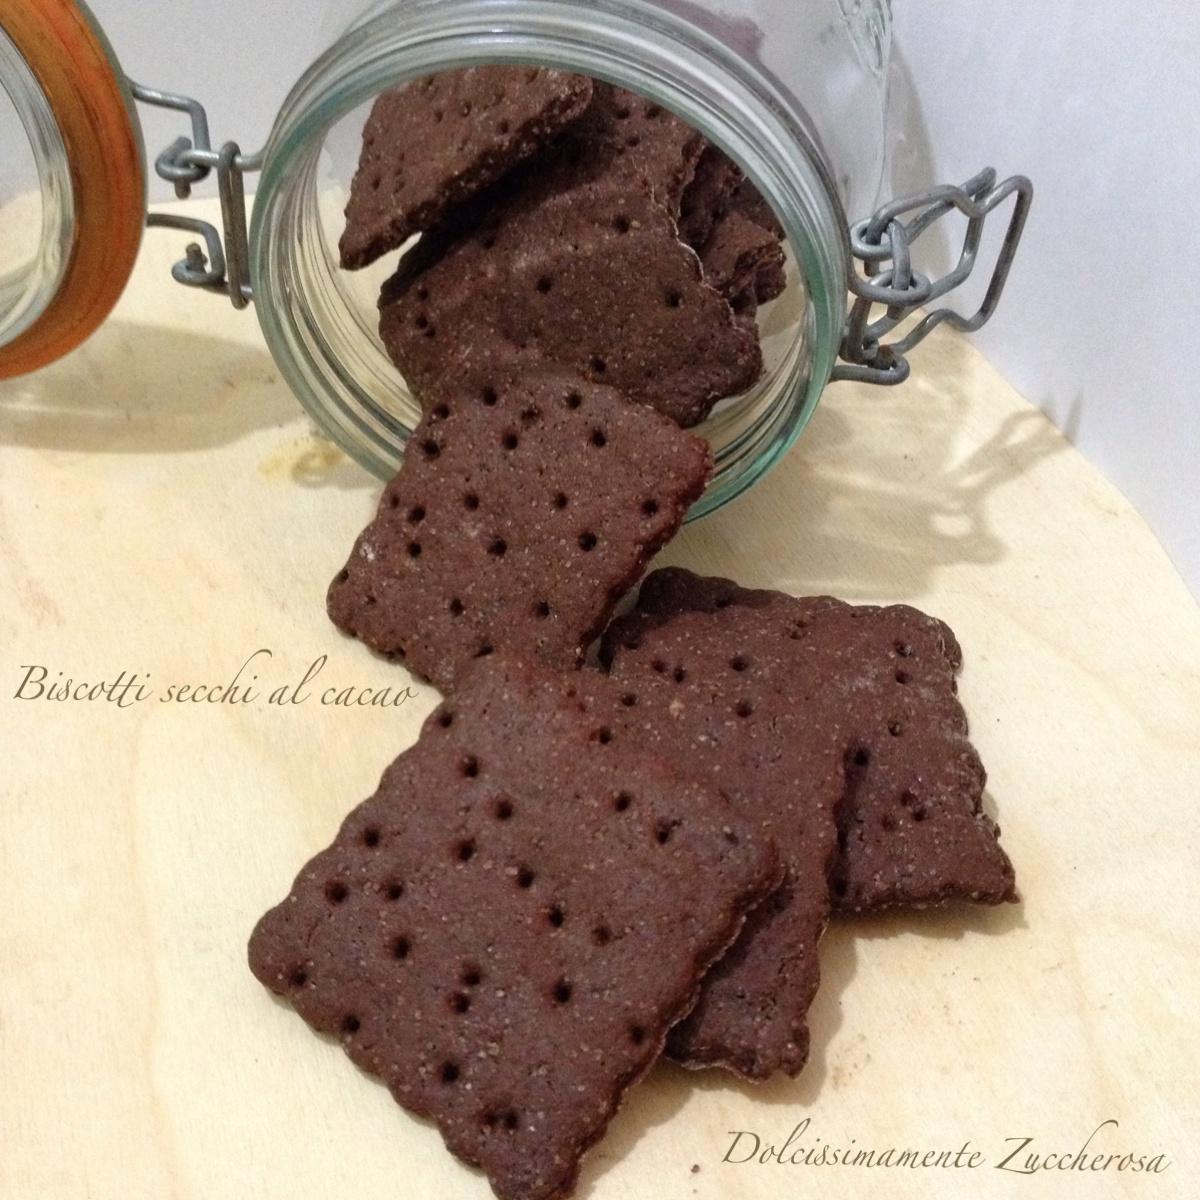 Biscotti secchi al cacao riBiscotti secchi al cacao ricetta sanacetta sana